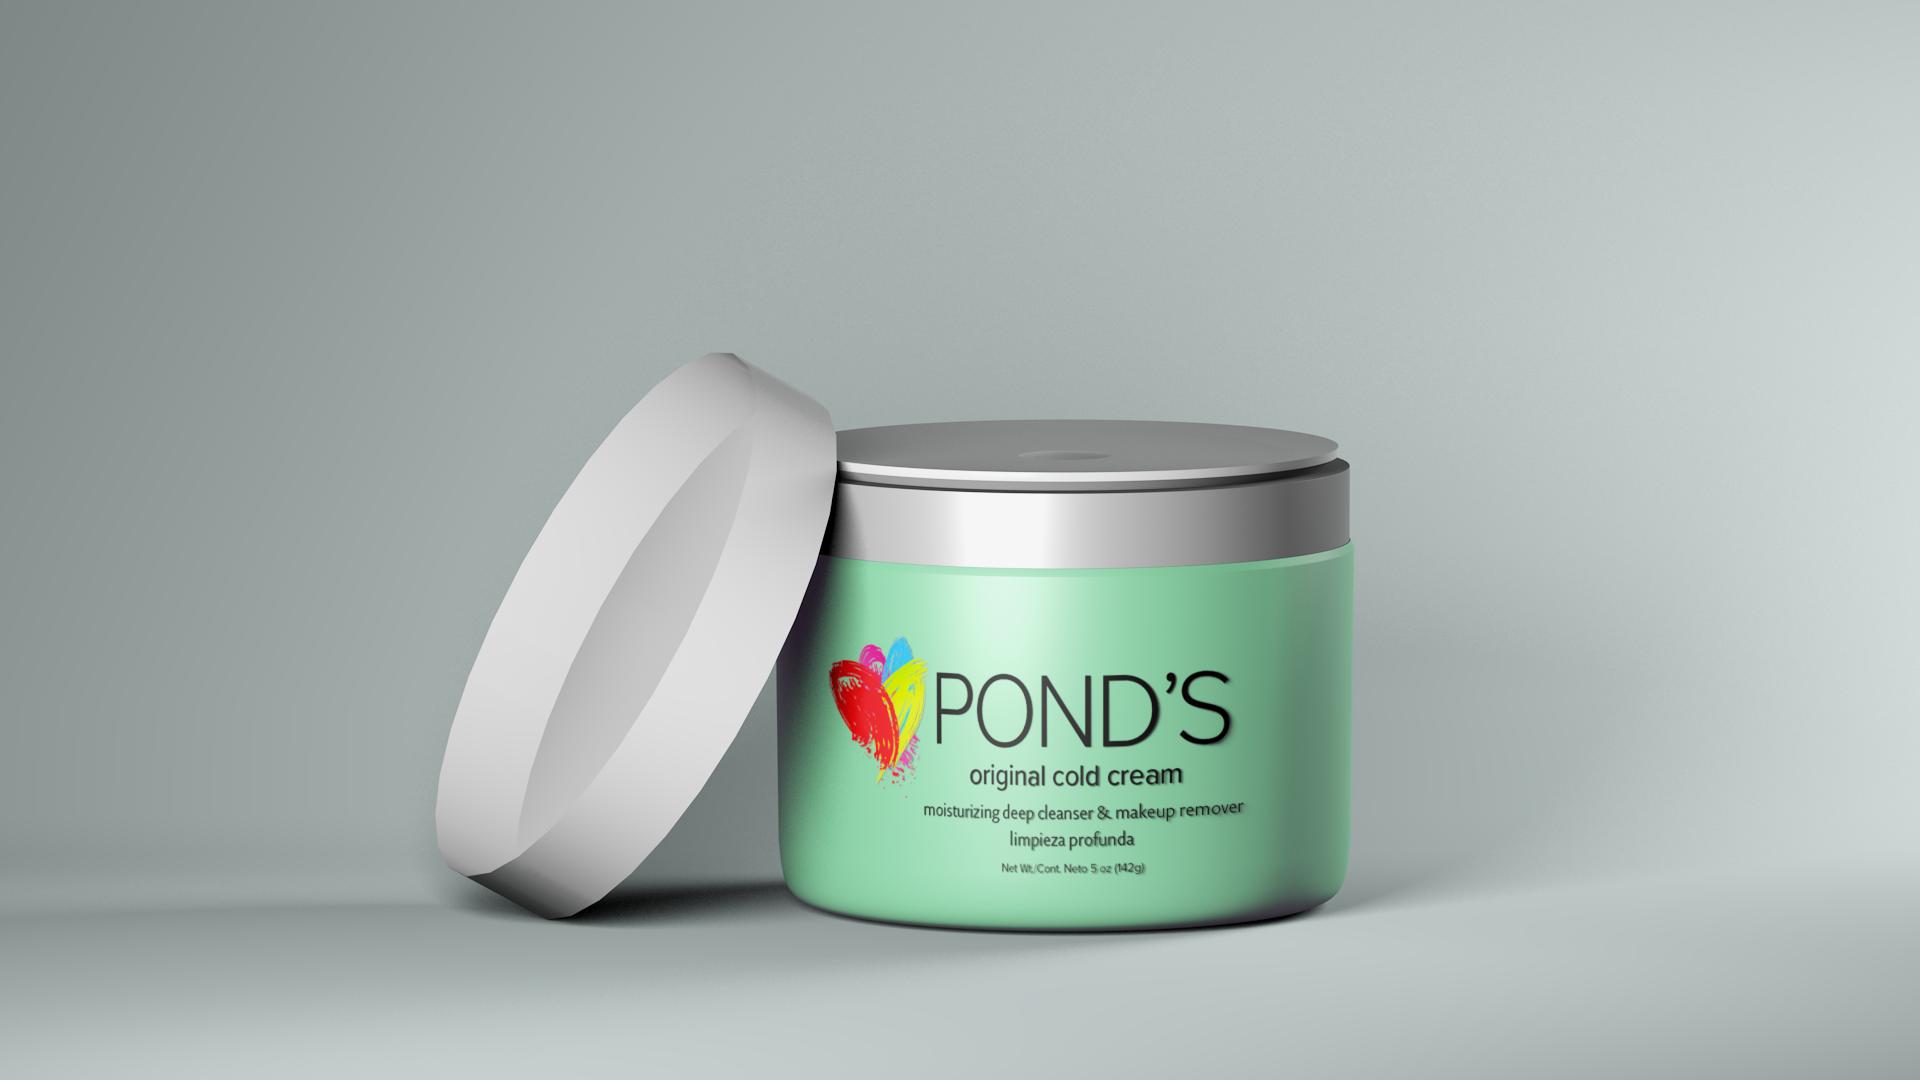 ponds_bottle_final0052-1504.png